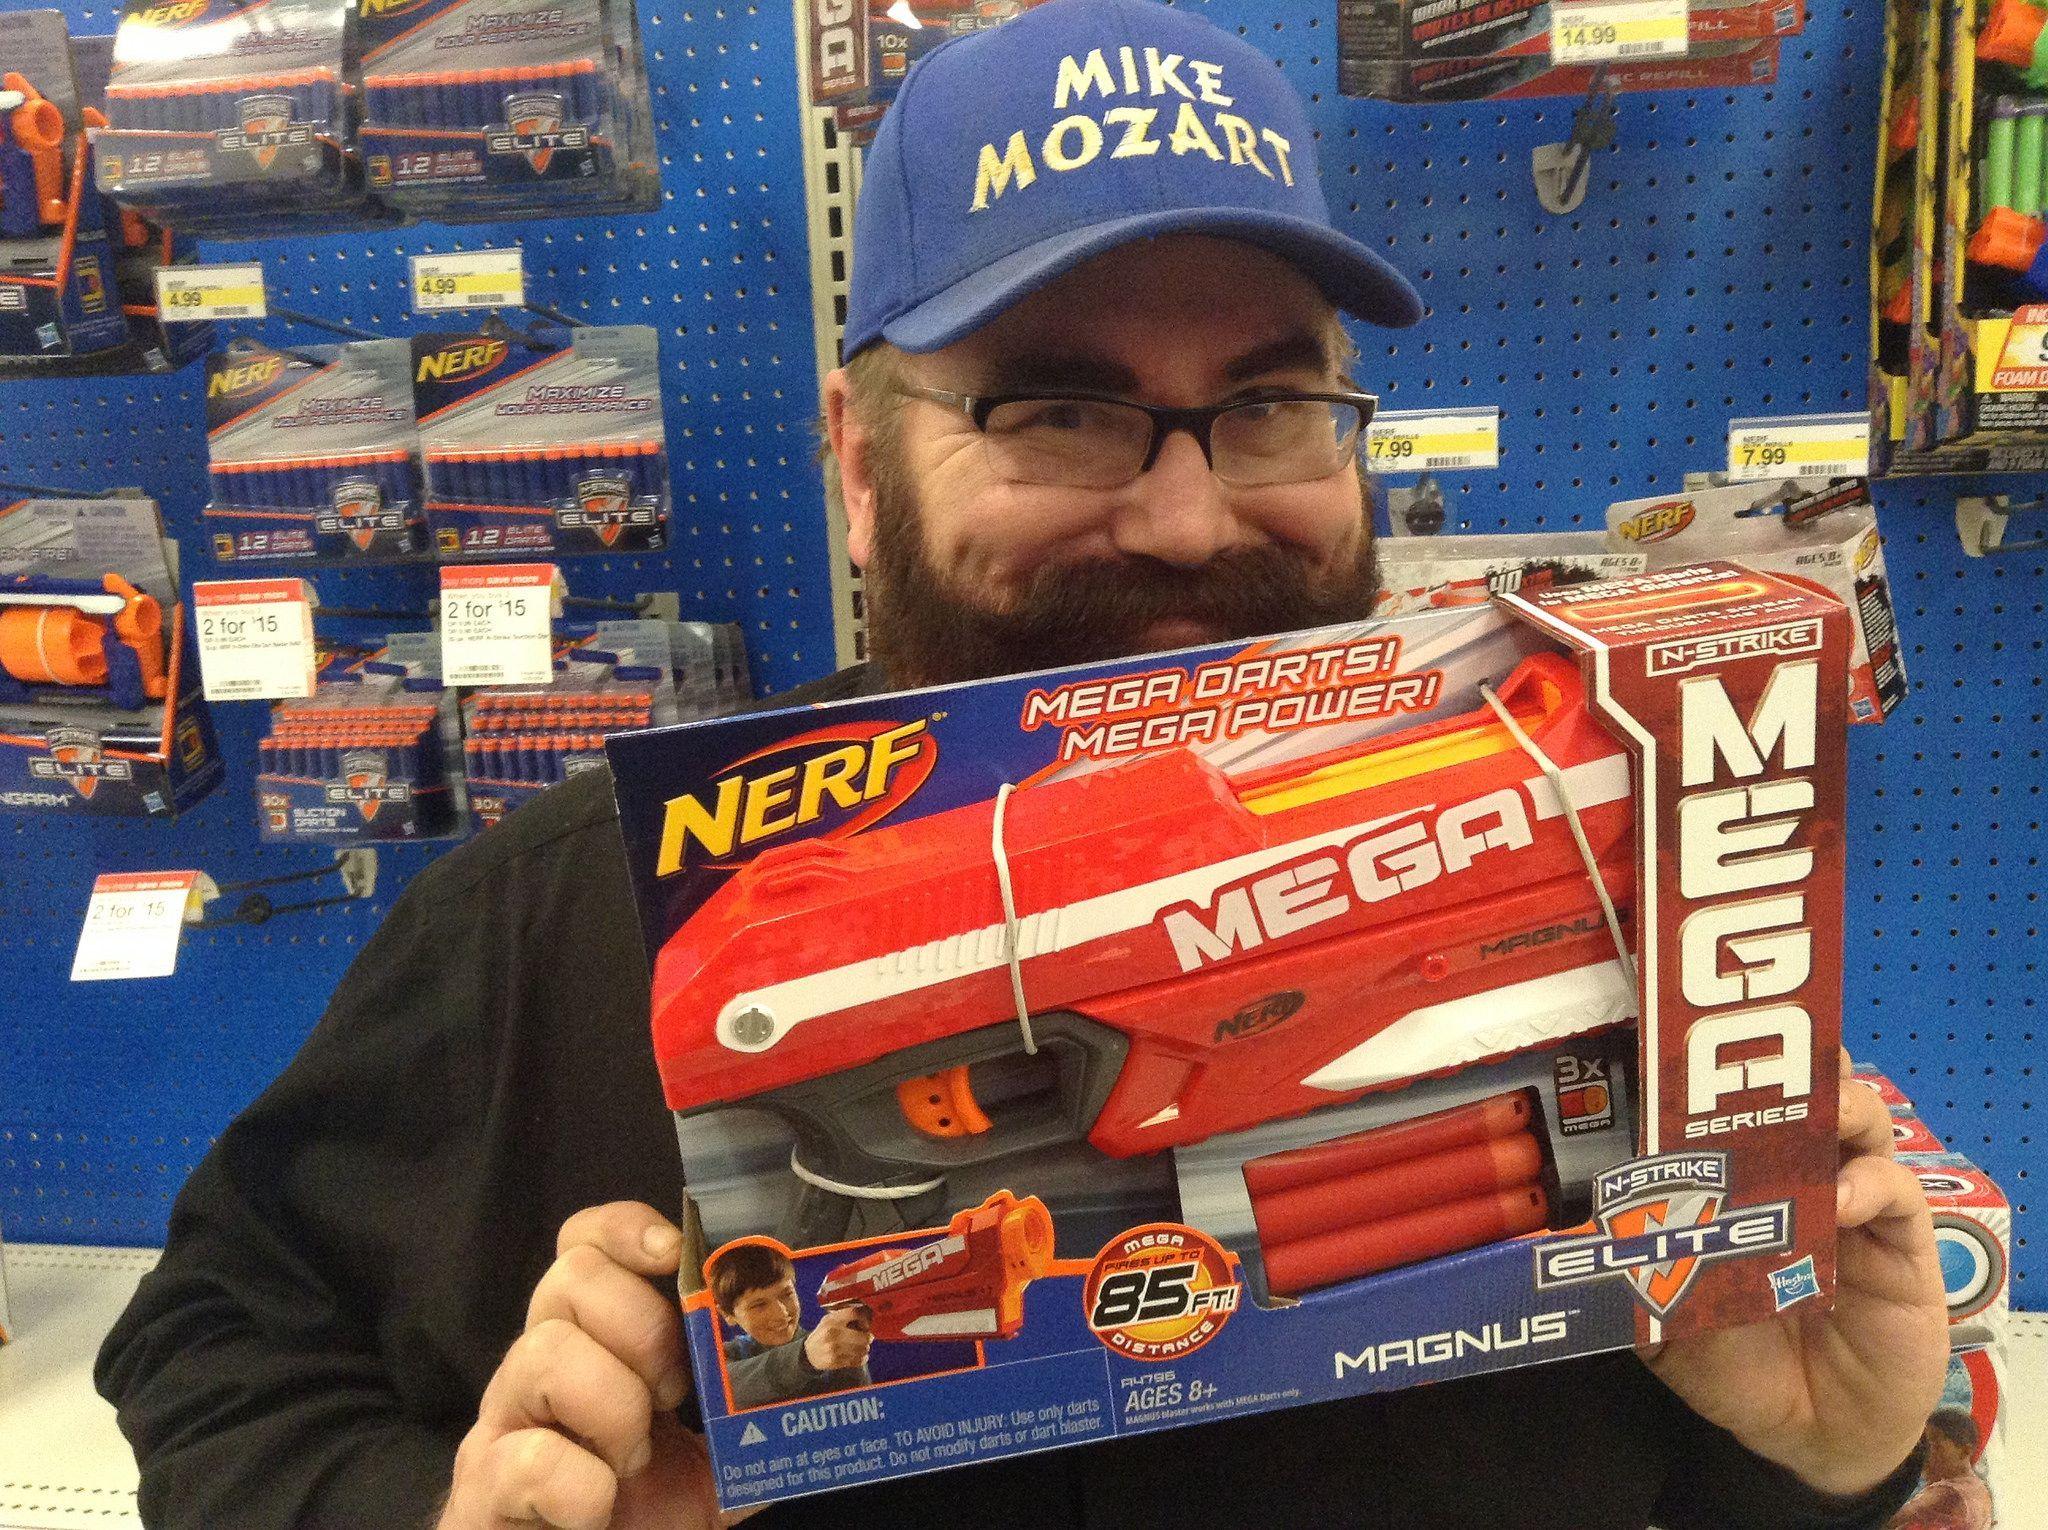 Nerf: come si gioca per organizzare una Nerf War con le pistole giocattolo